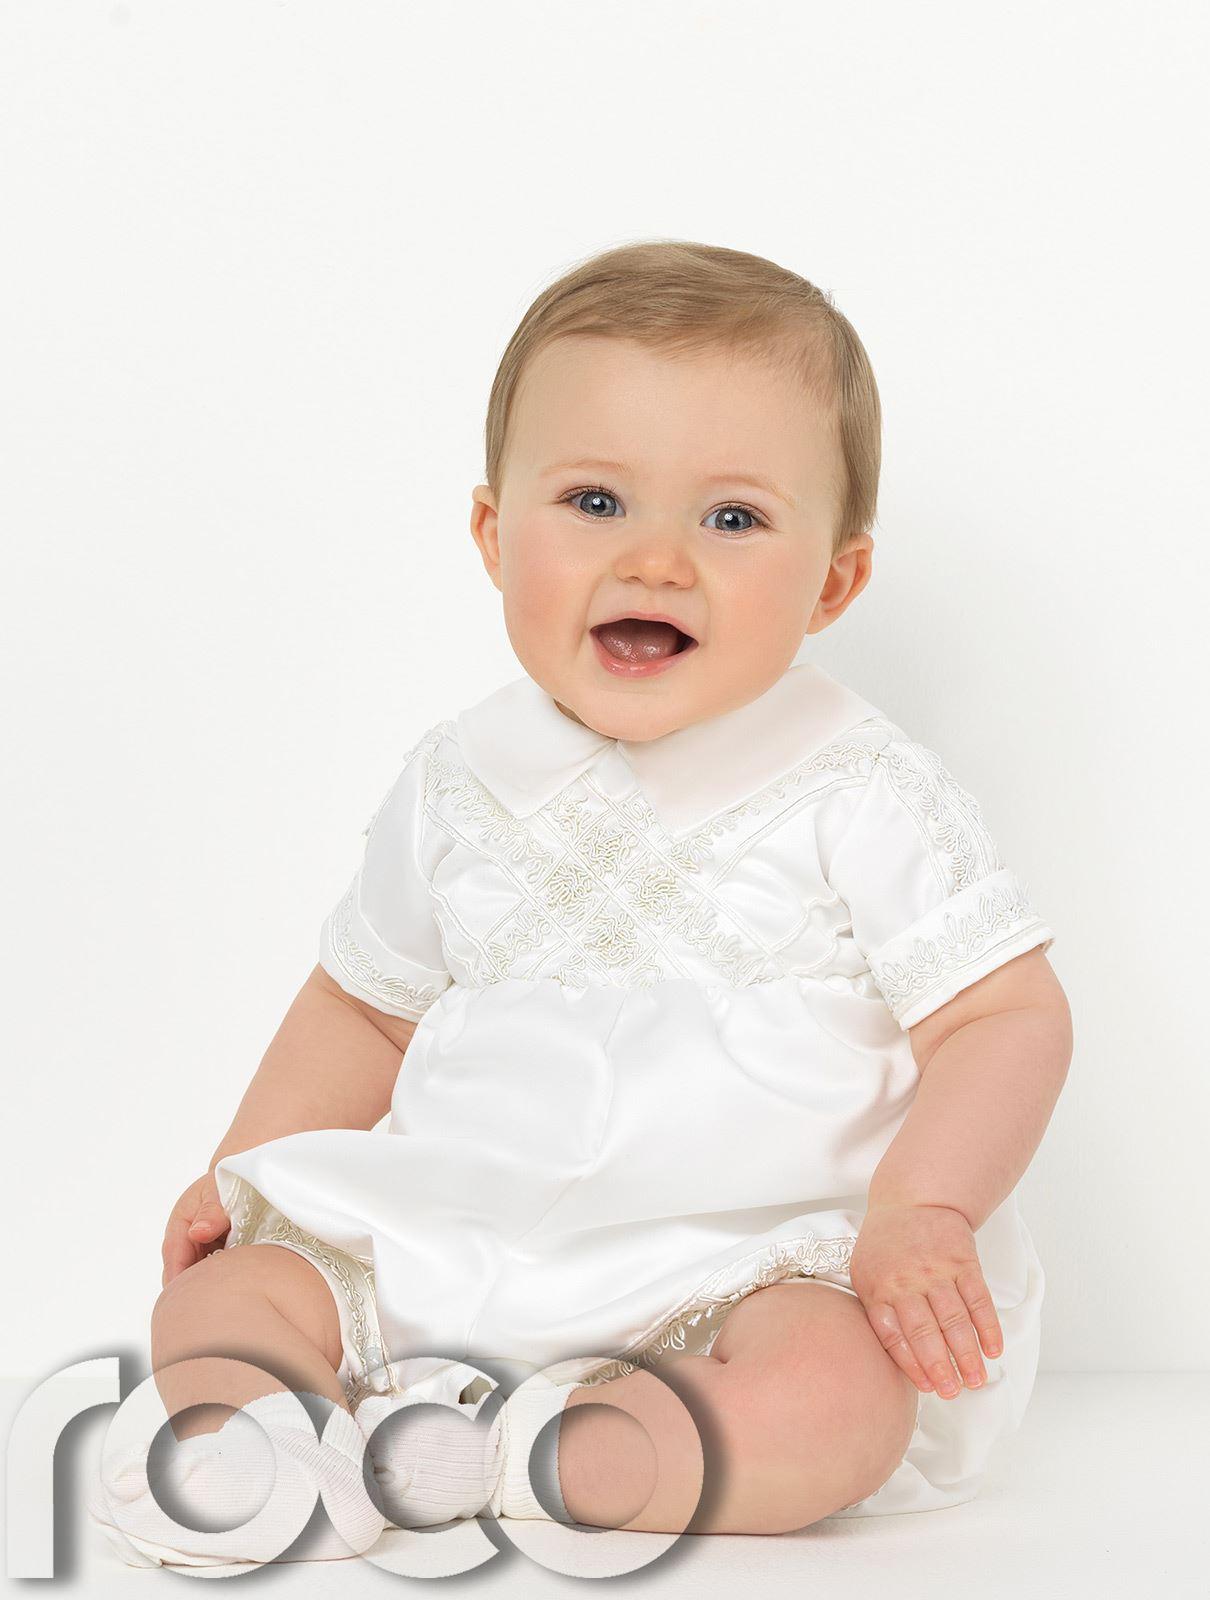 Nella collezione Prenatal trovi una vasta gamma di pagliaccetti e tutine per neonato da 0 a 3 anni: ciniglia o cotone, eleganti o casual, scegli le tue preferite!